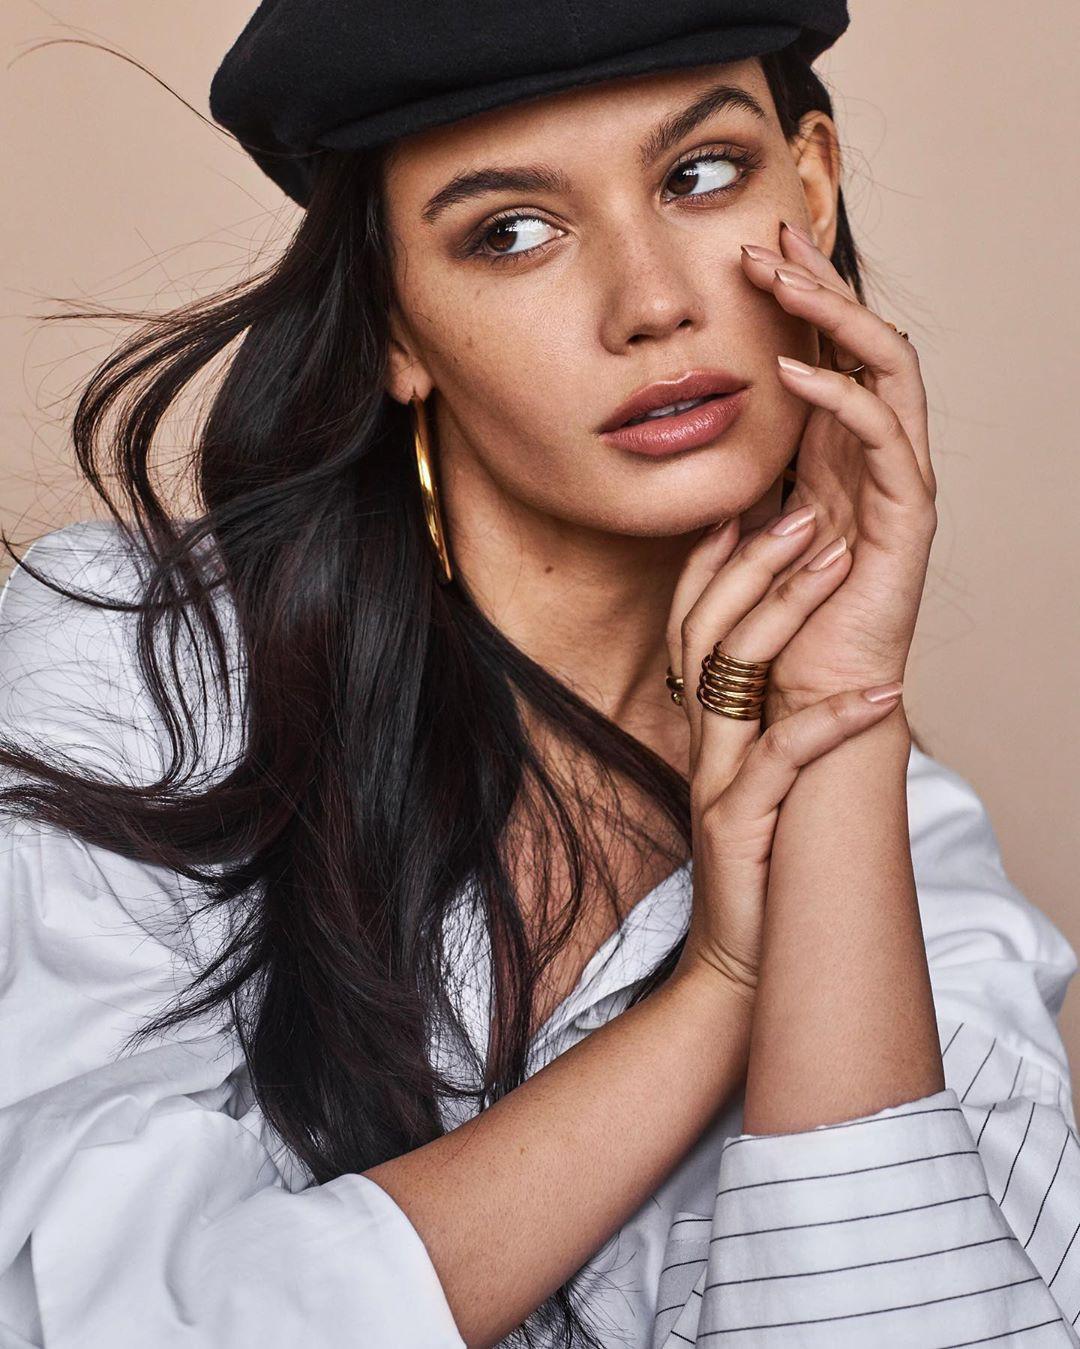 Anne De Paula girls photoshoot, Cute Face, Lip Makeup